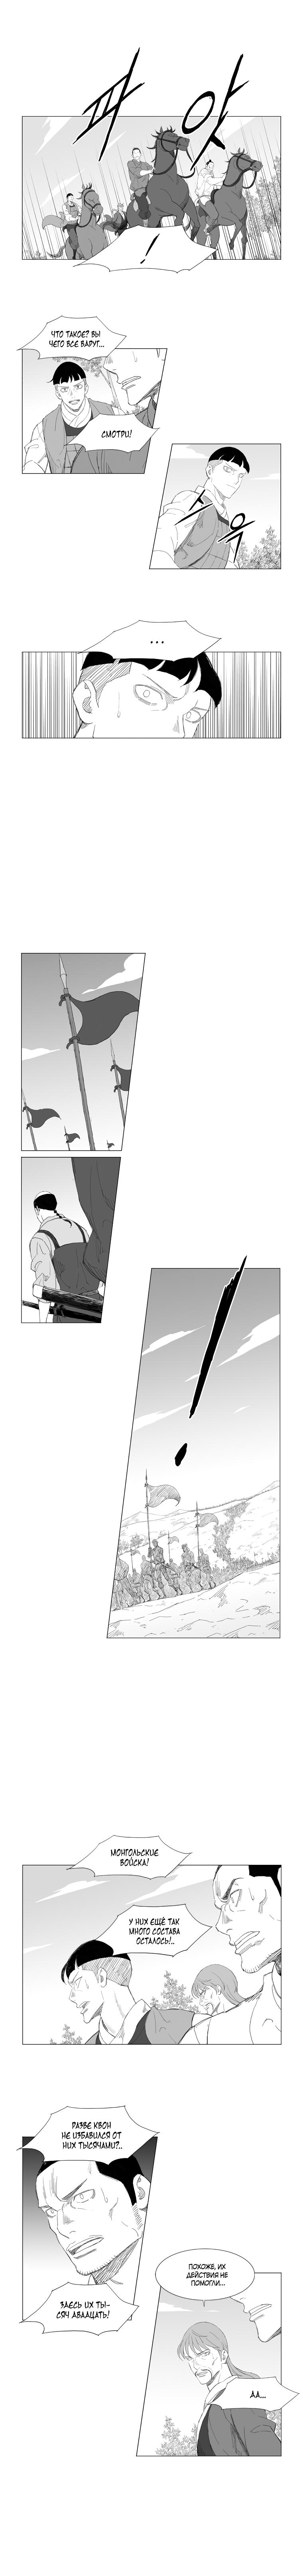 https://r1.ninemanga.com/comics/pic3/39/28263/1323035/1552582849929.png Page 3